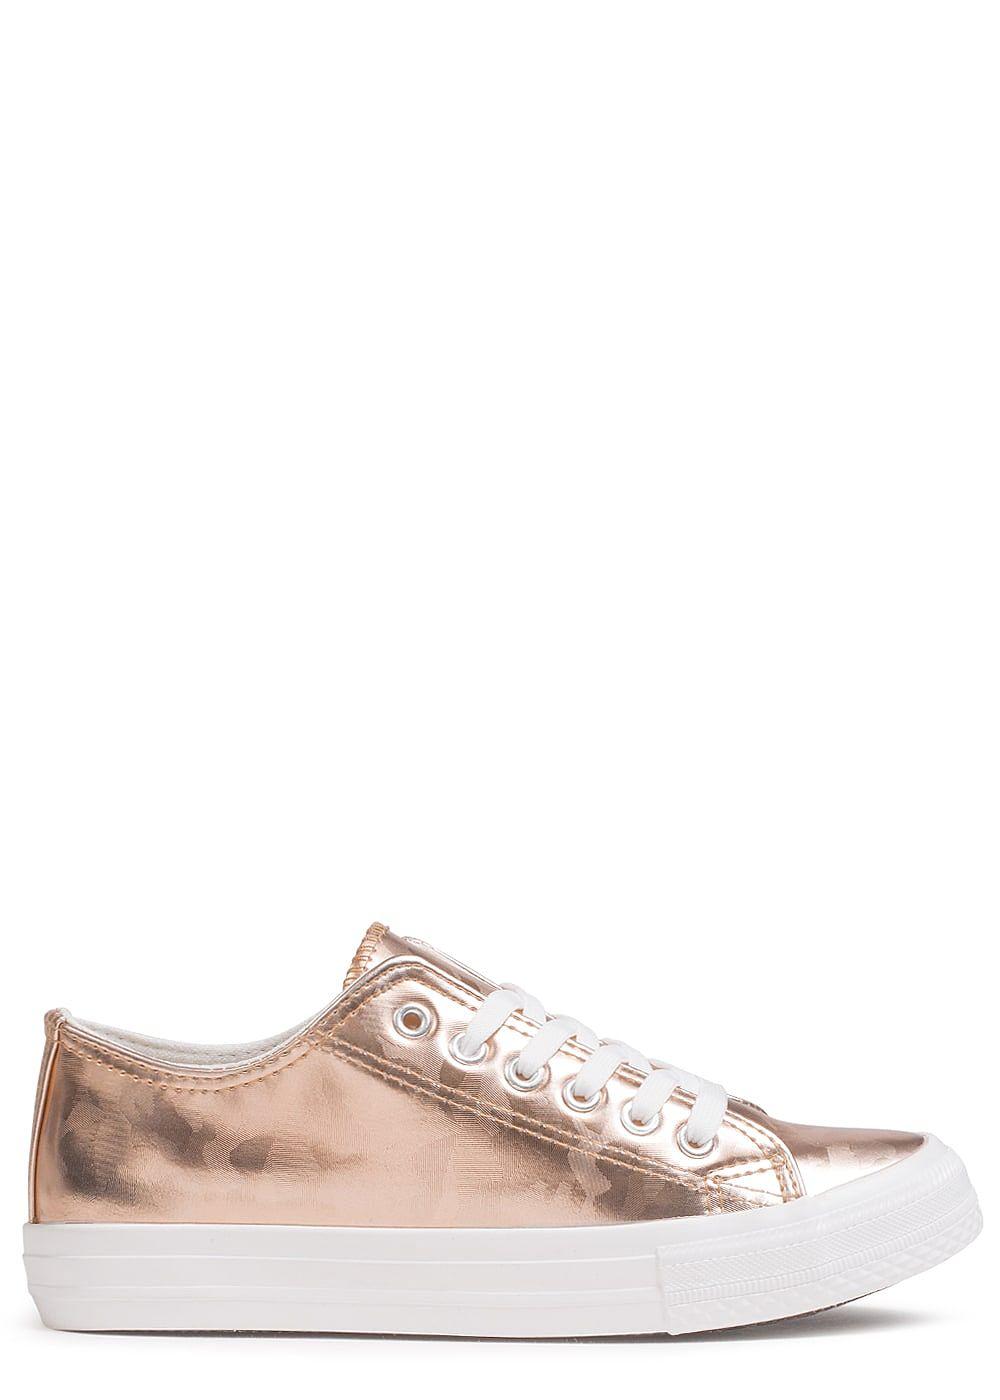 seventyseven lifestyle schuh damen sneaker zum schn ren camouflage design rosa gold 77onlineshop. Black Bedroom Furniture Sets. Home Design Ideas